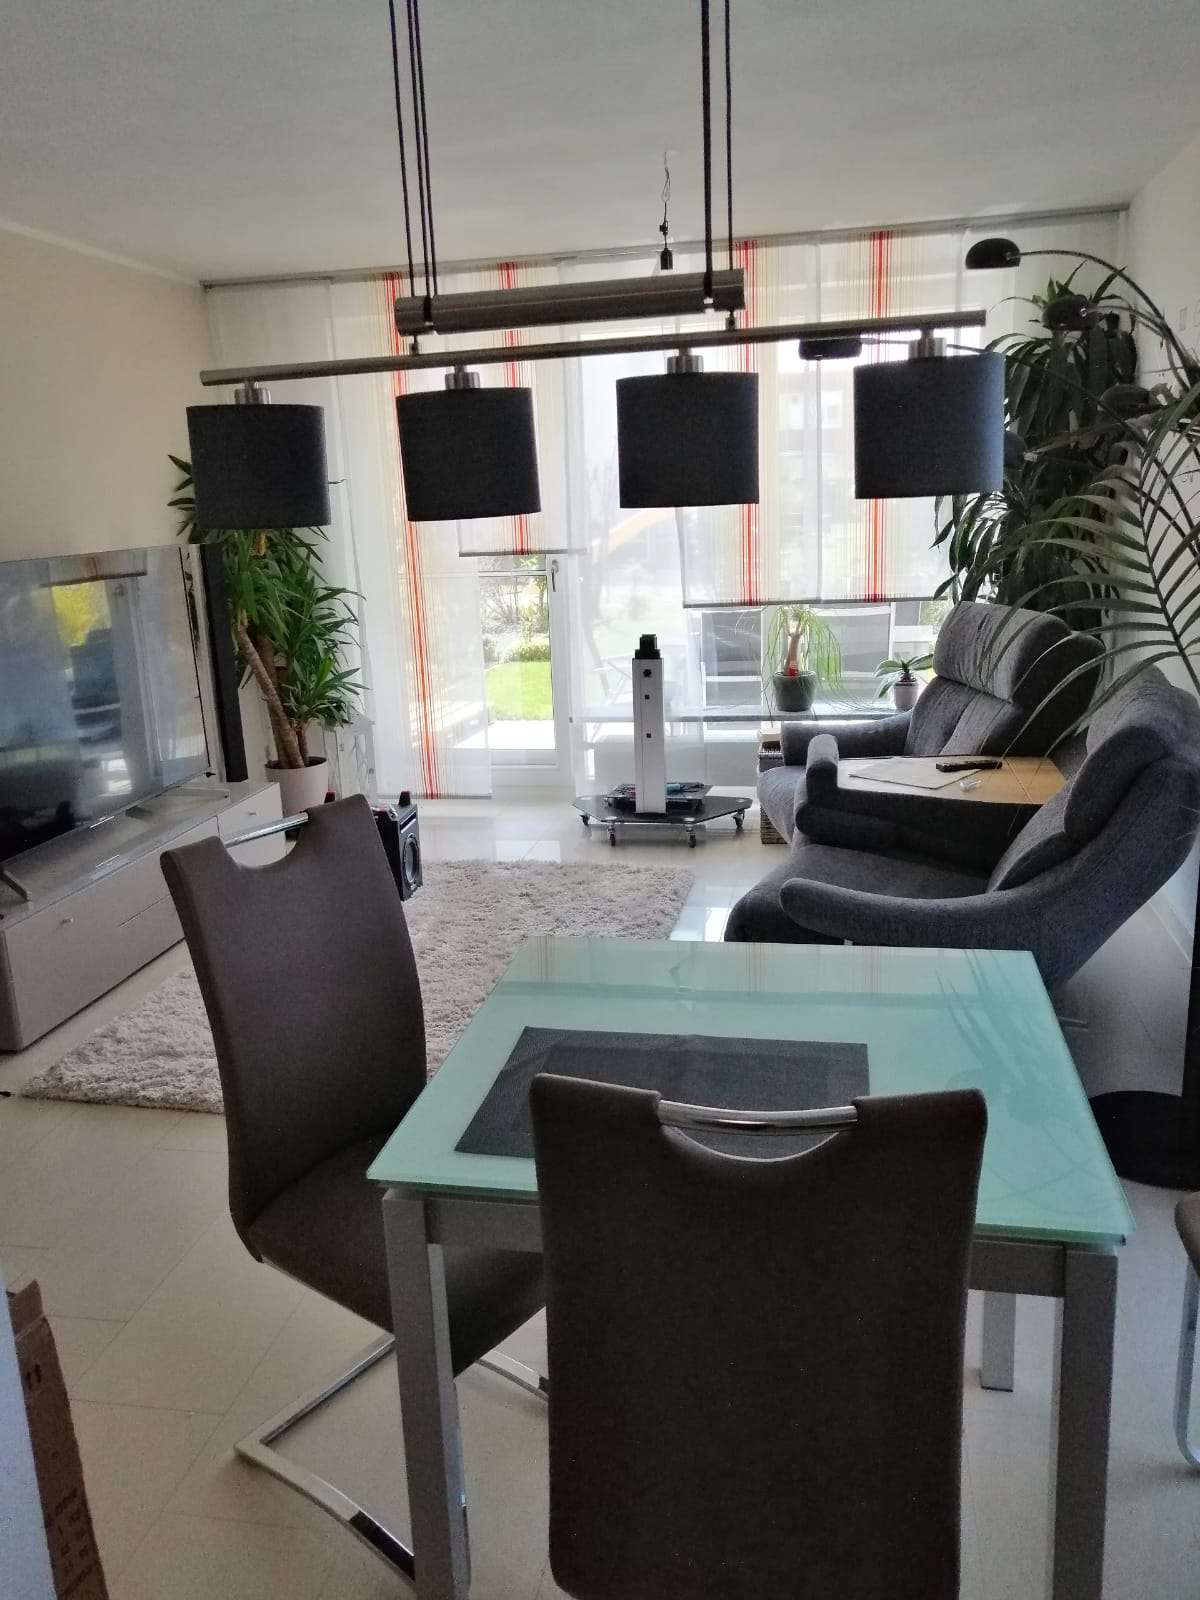 Traumhafte 3-Zimmer-Gartenwohnung inkl. moderner Einbauküche